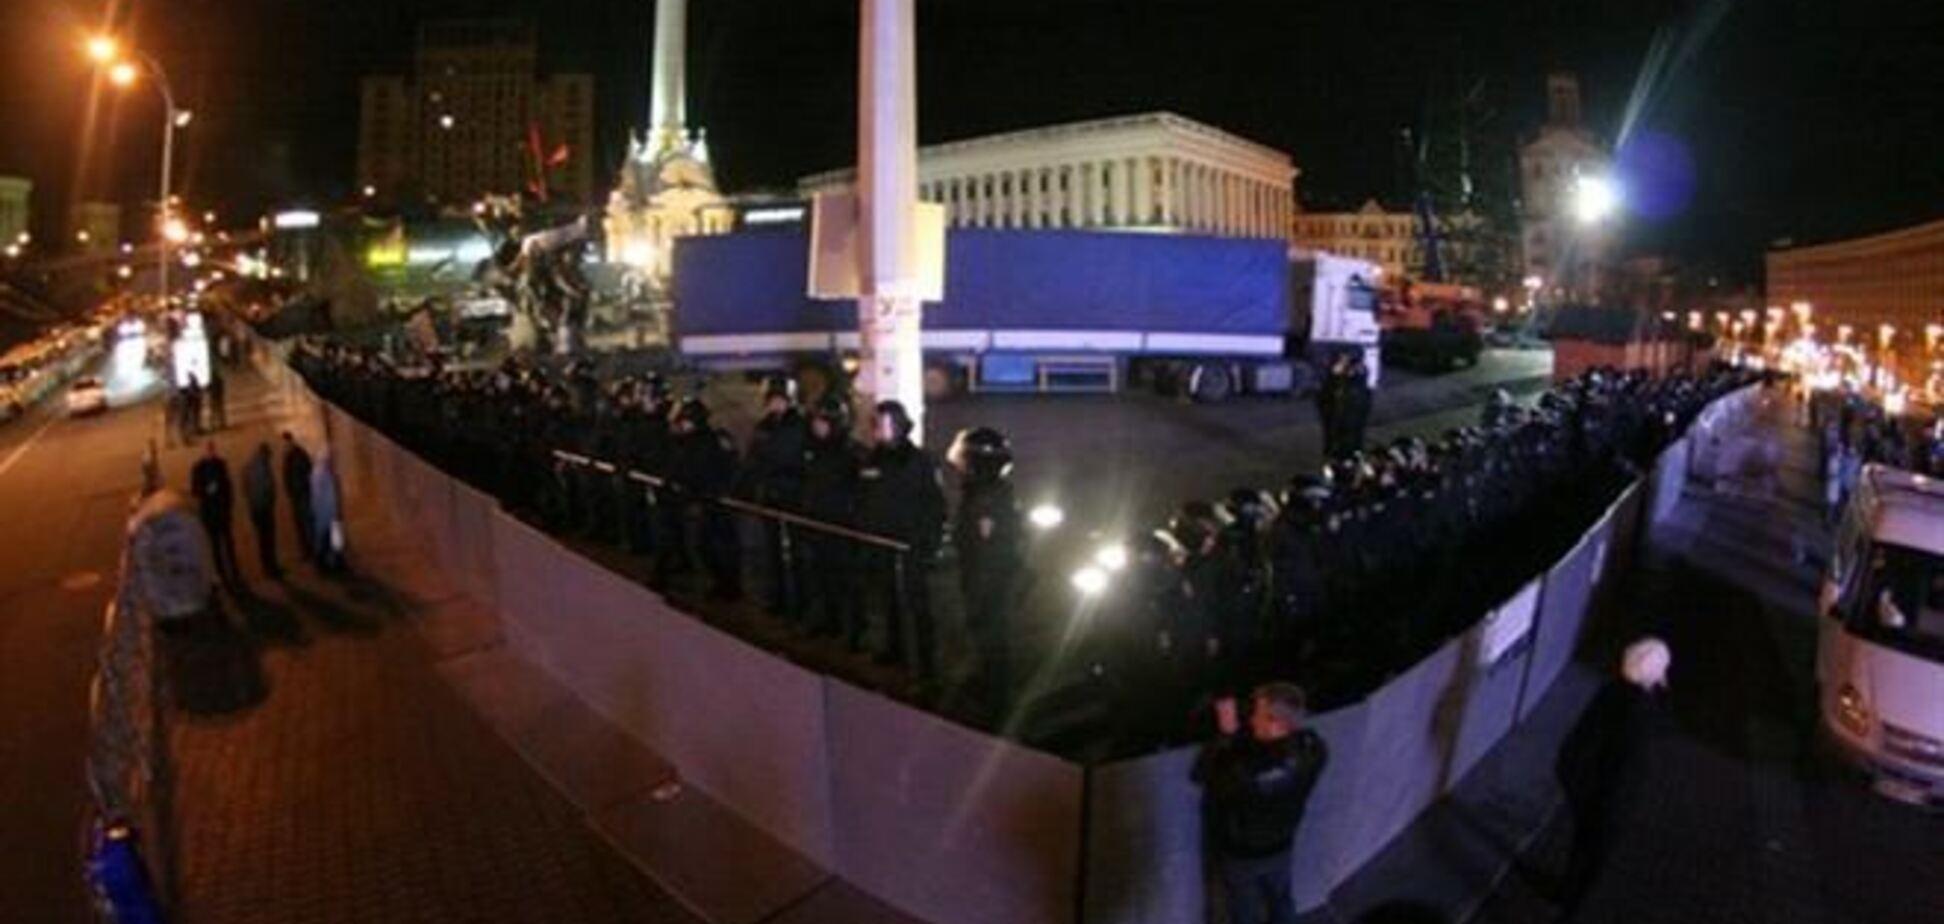 В ЕС выражают недовольство действиями 'Беркута' на Майдане